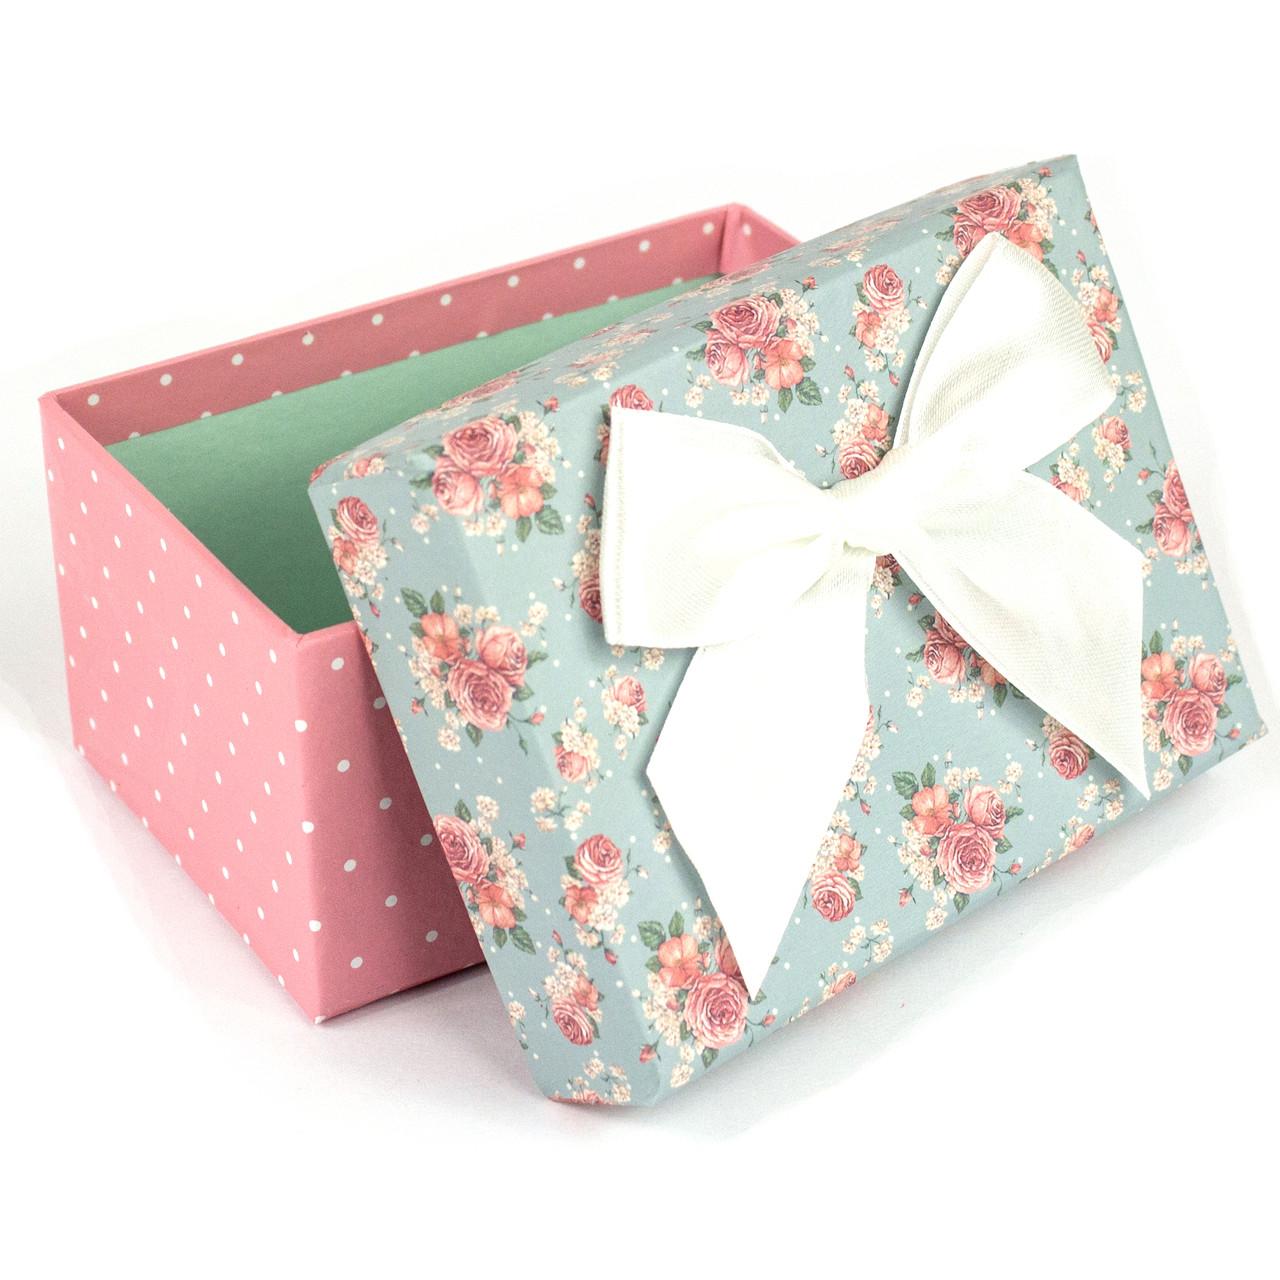 Подарочная коробка с розочками и белым бантом 11.5 x 9.8 x 5.2 см